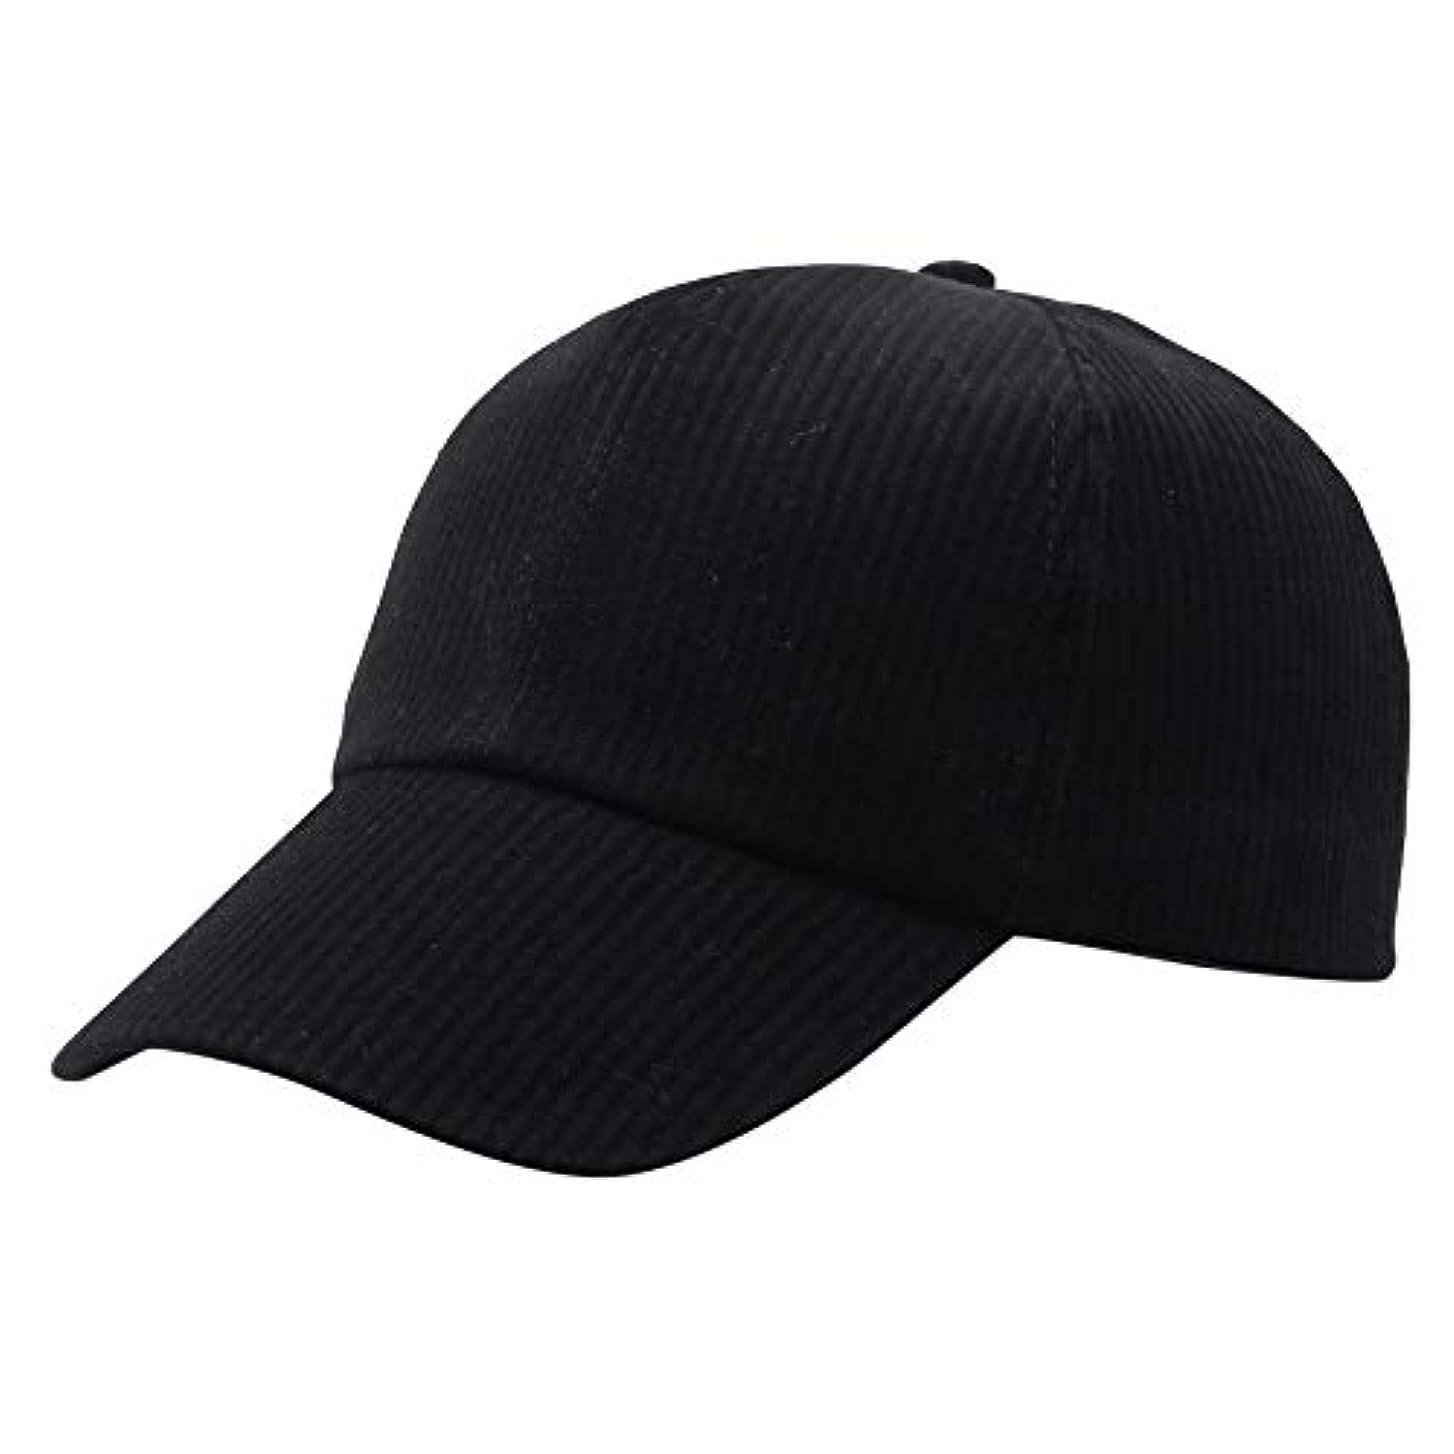 常にヘアお嬢Racazing Cap コーデュロイ 野球帽 迷彩 夏 登山 通気性のある メッシュ 帽子 ベルクロ 可調整可能 ストライプ 刺繍 棒球帽 UV 帽子 軽量 屋外 Unisex Hat (B)